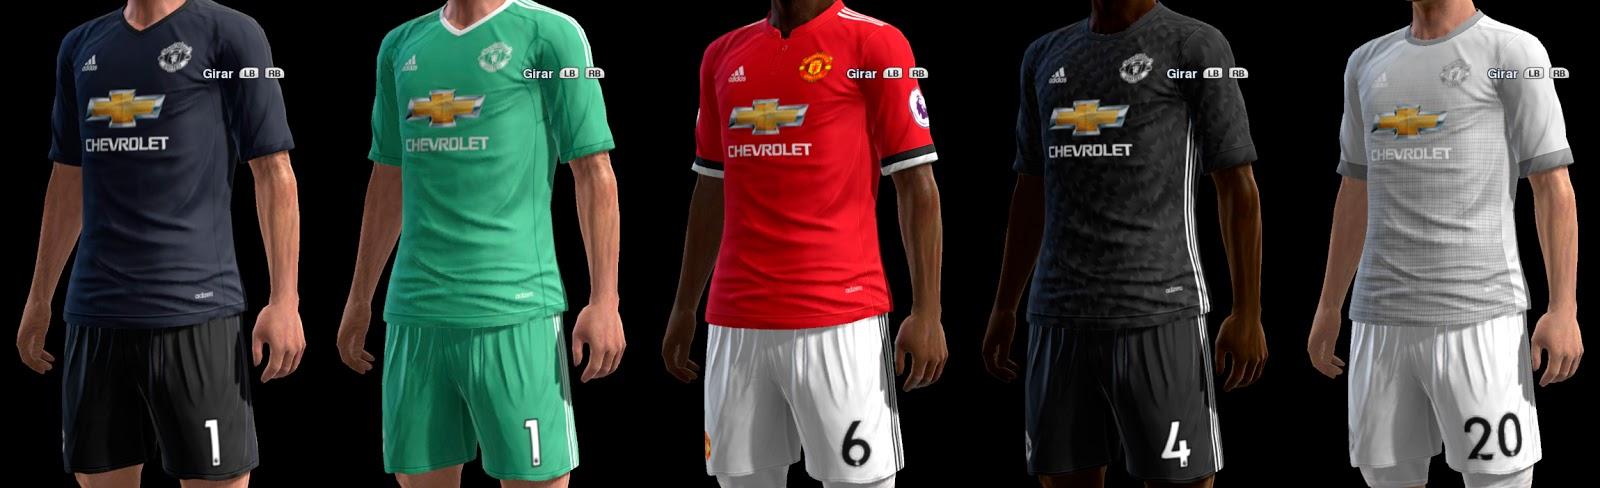 b374a48c293 Kit Manchester United 2018 – Idea di immagine del club fc